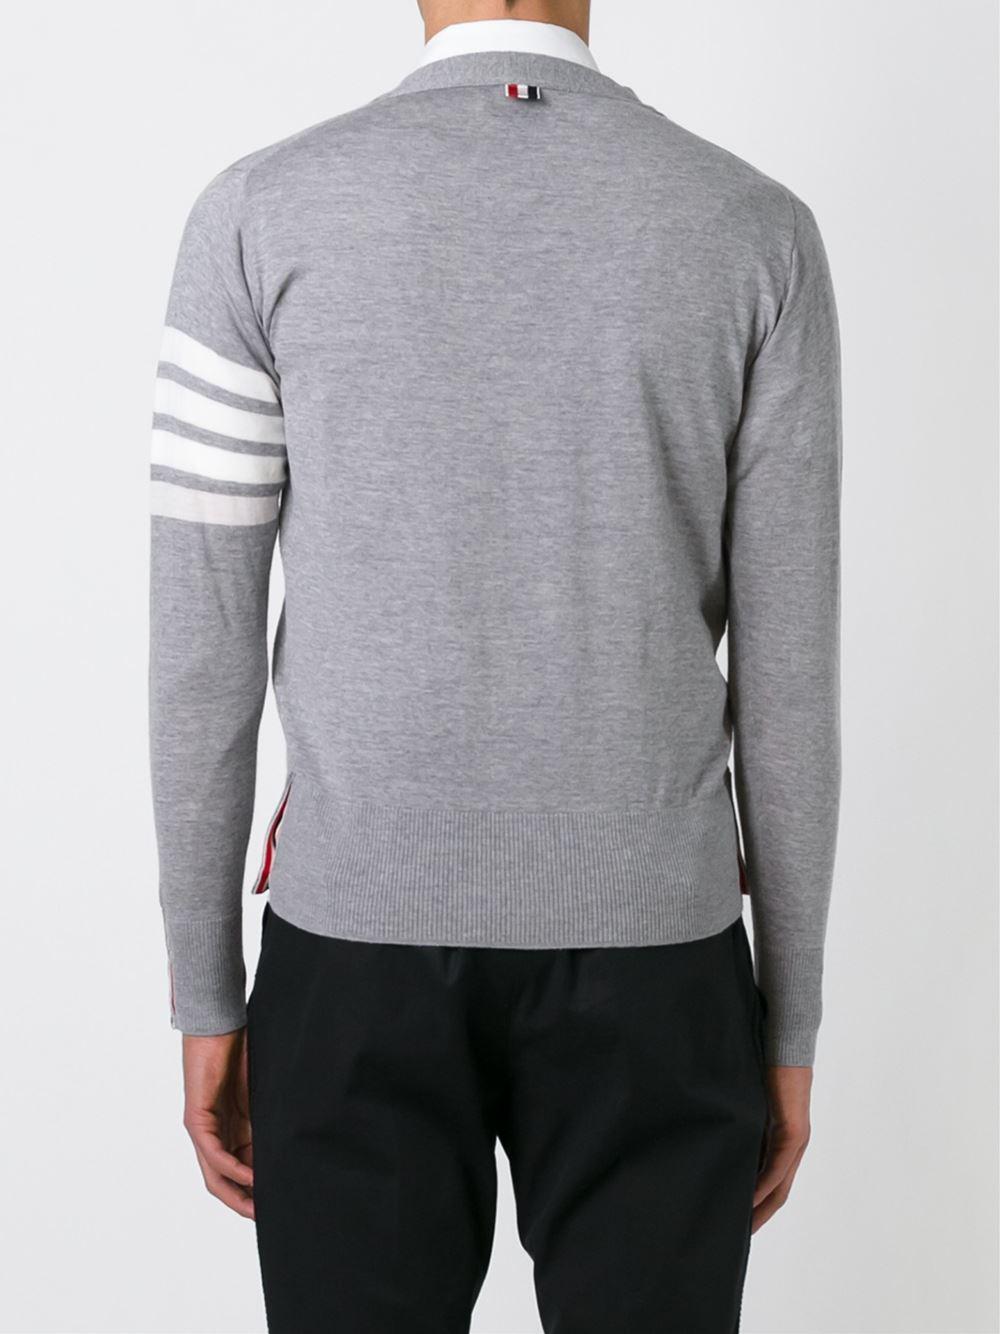 Thom Browne V-neck Cardigan With 4-bar Stripe In Light Grey Merino in het Grijs voor heren